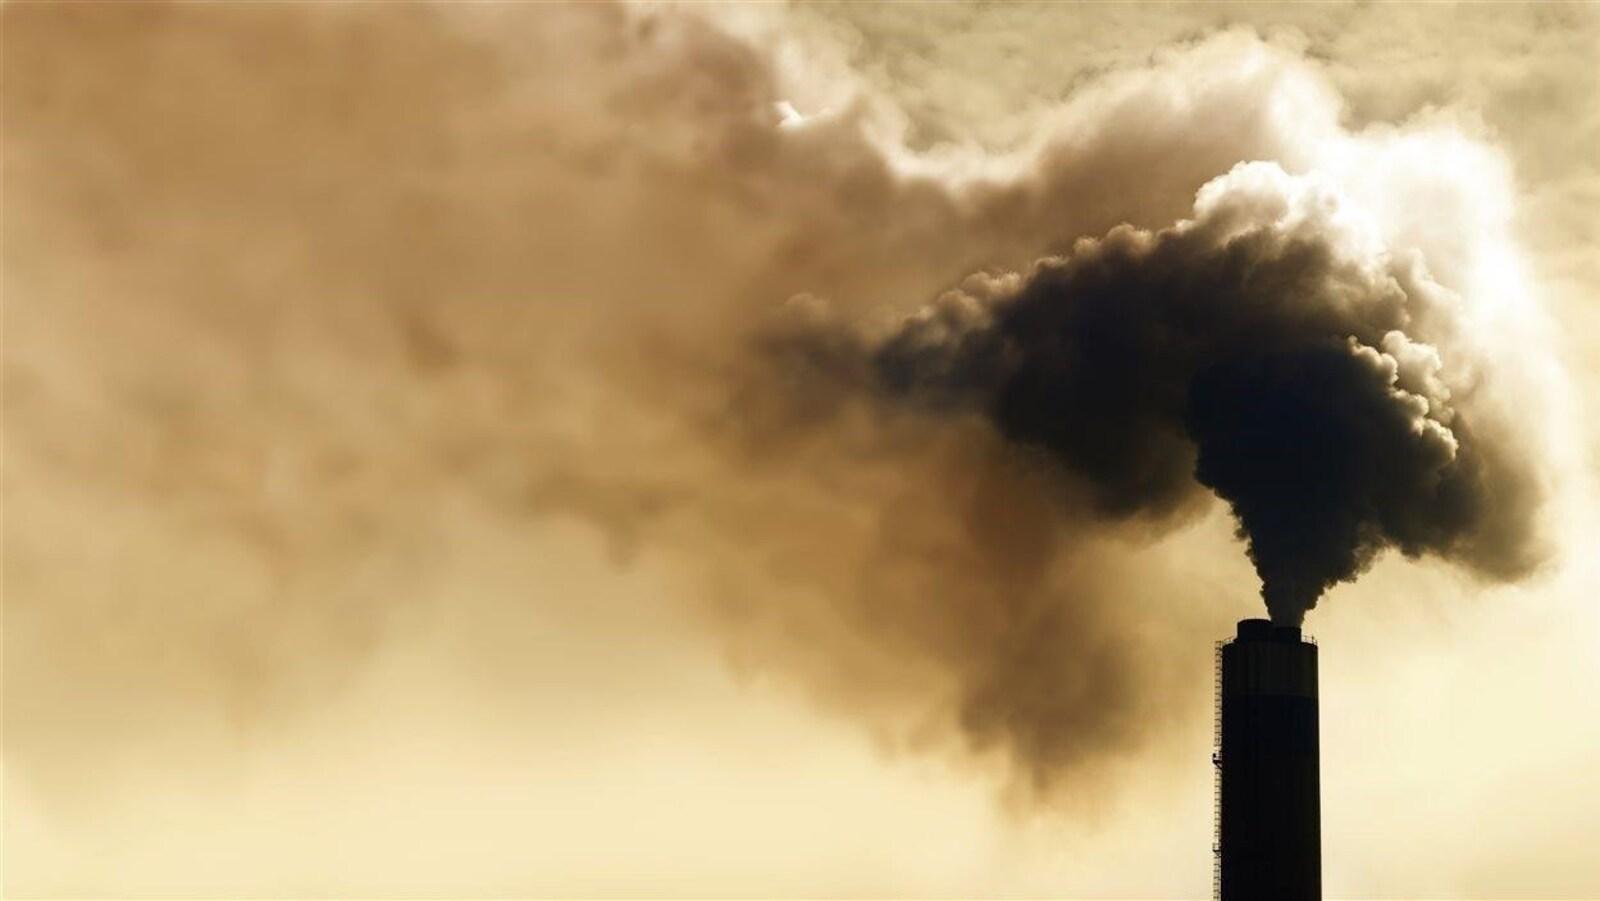 Une cheminée éjecte une grande quantité de fumée.